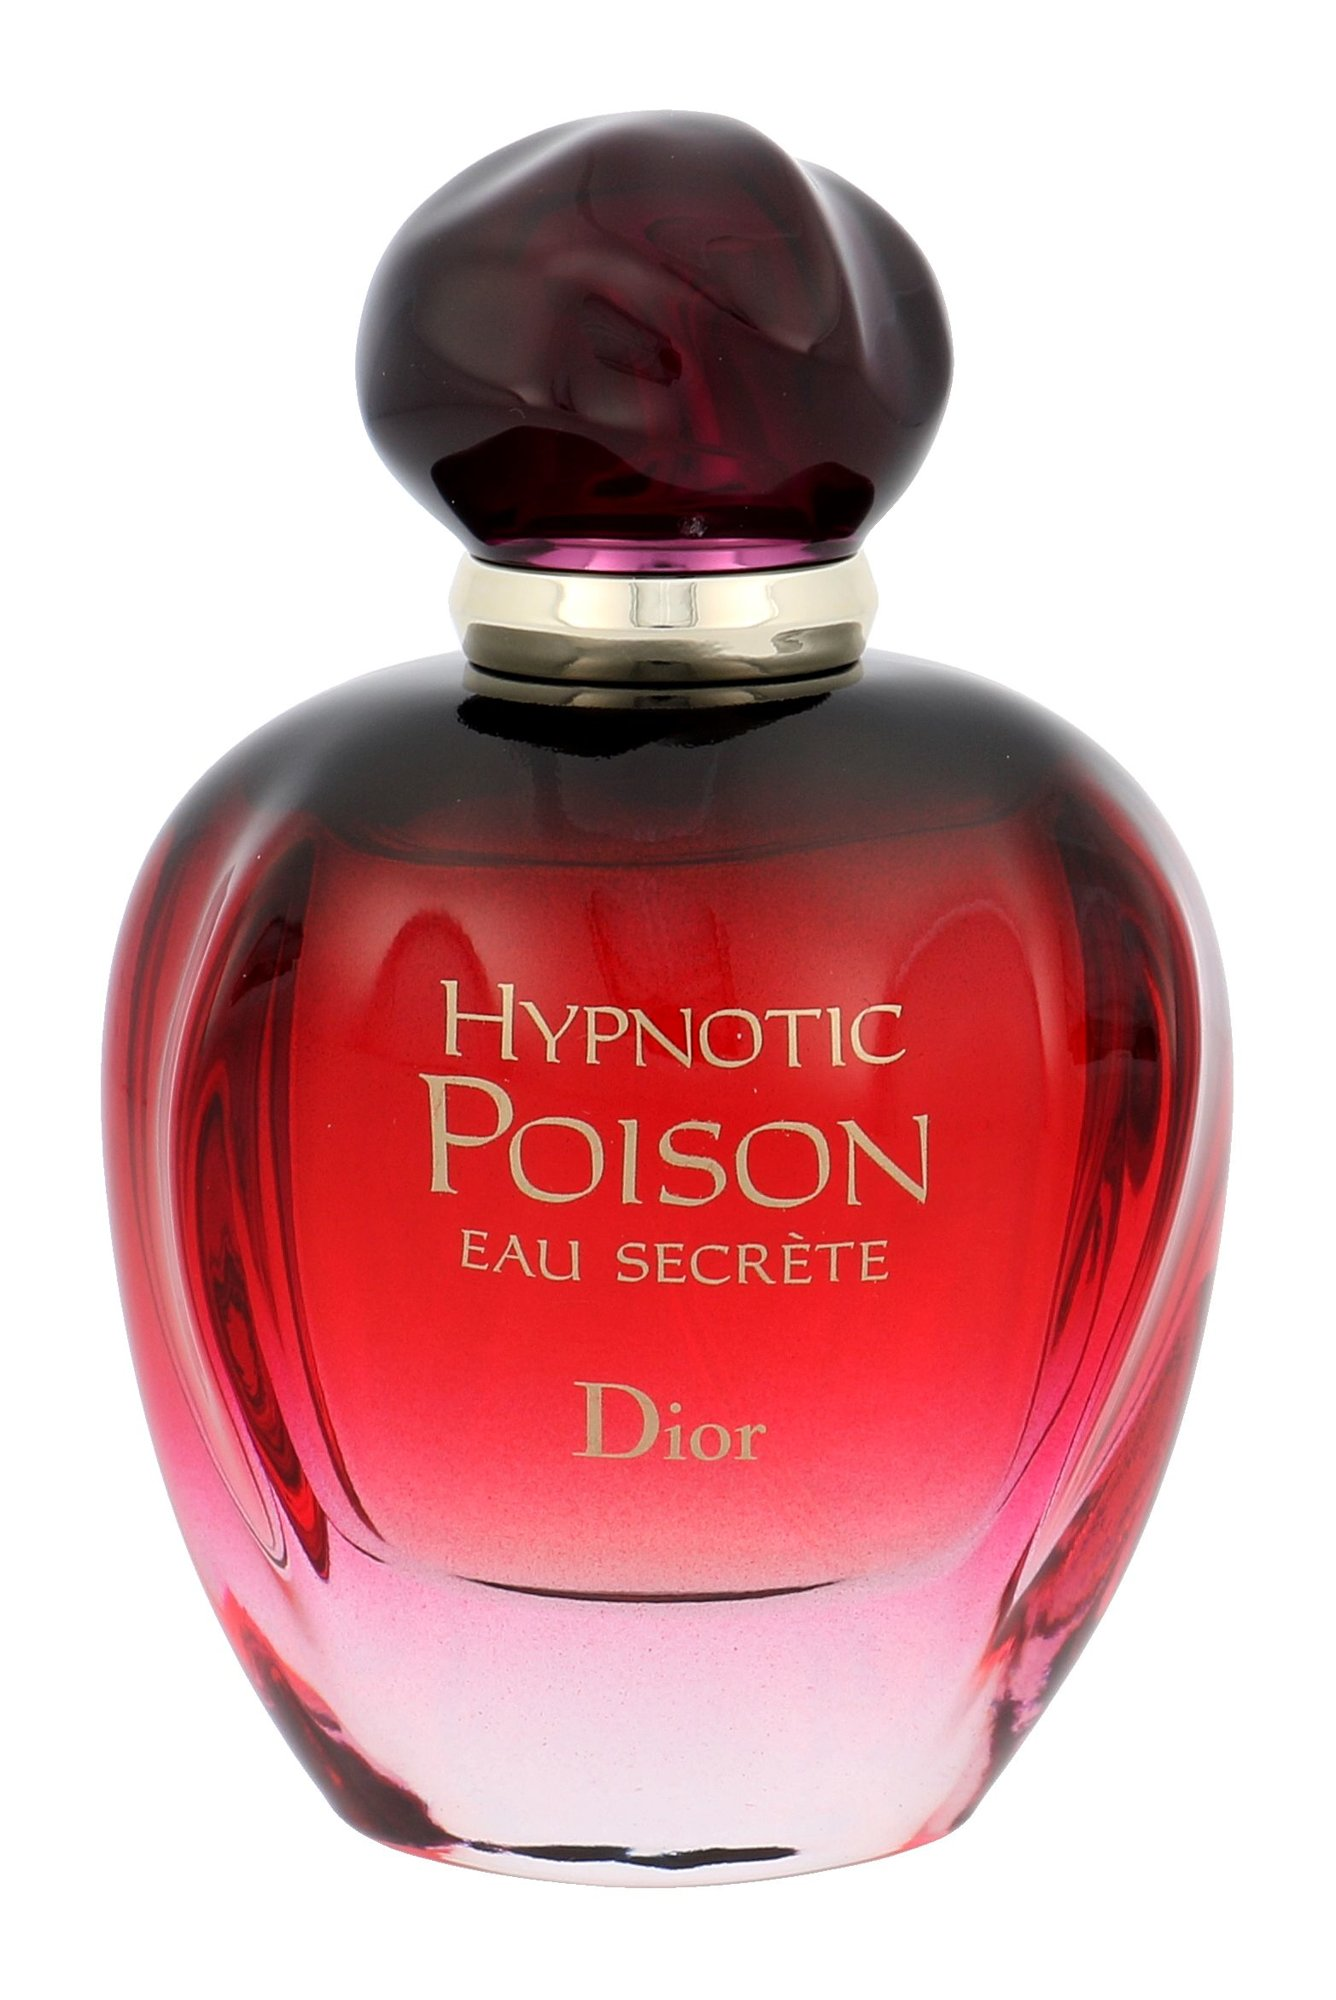 Christian Dior Hypnotic Poison Eau Secréte EDT 50ml